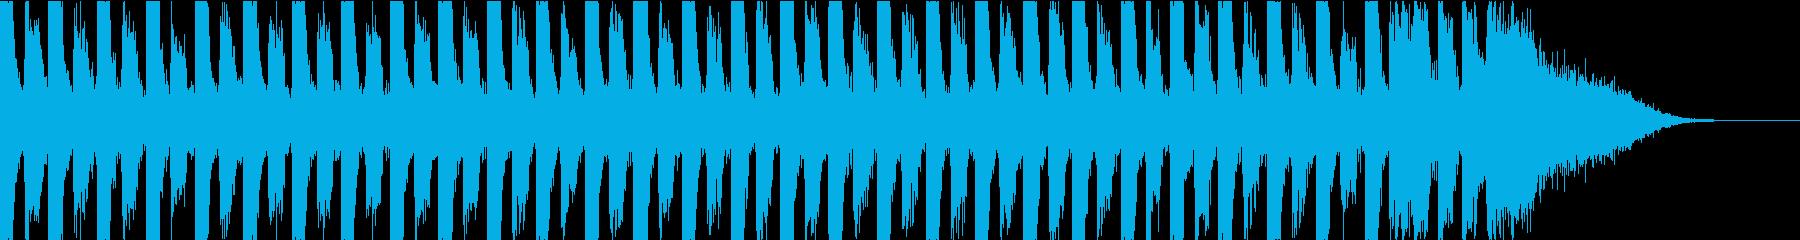 EDM・東京五輪・開幕・オリンピックcの再生済みの波形